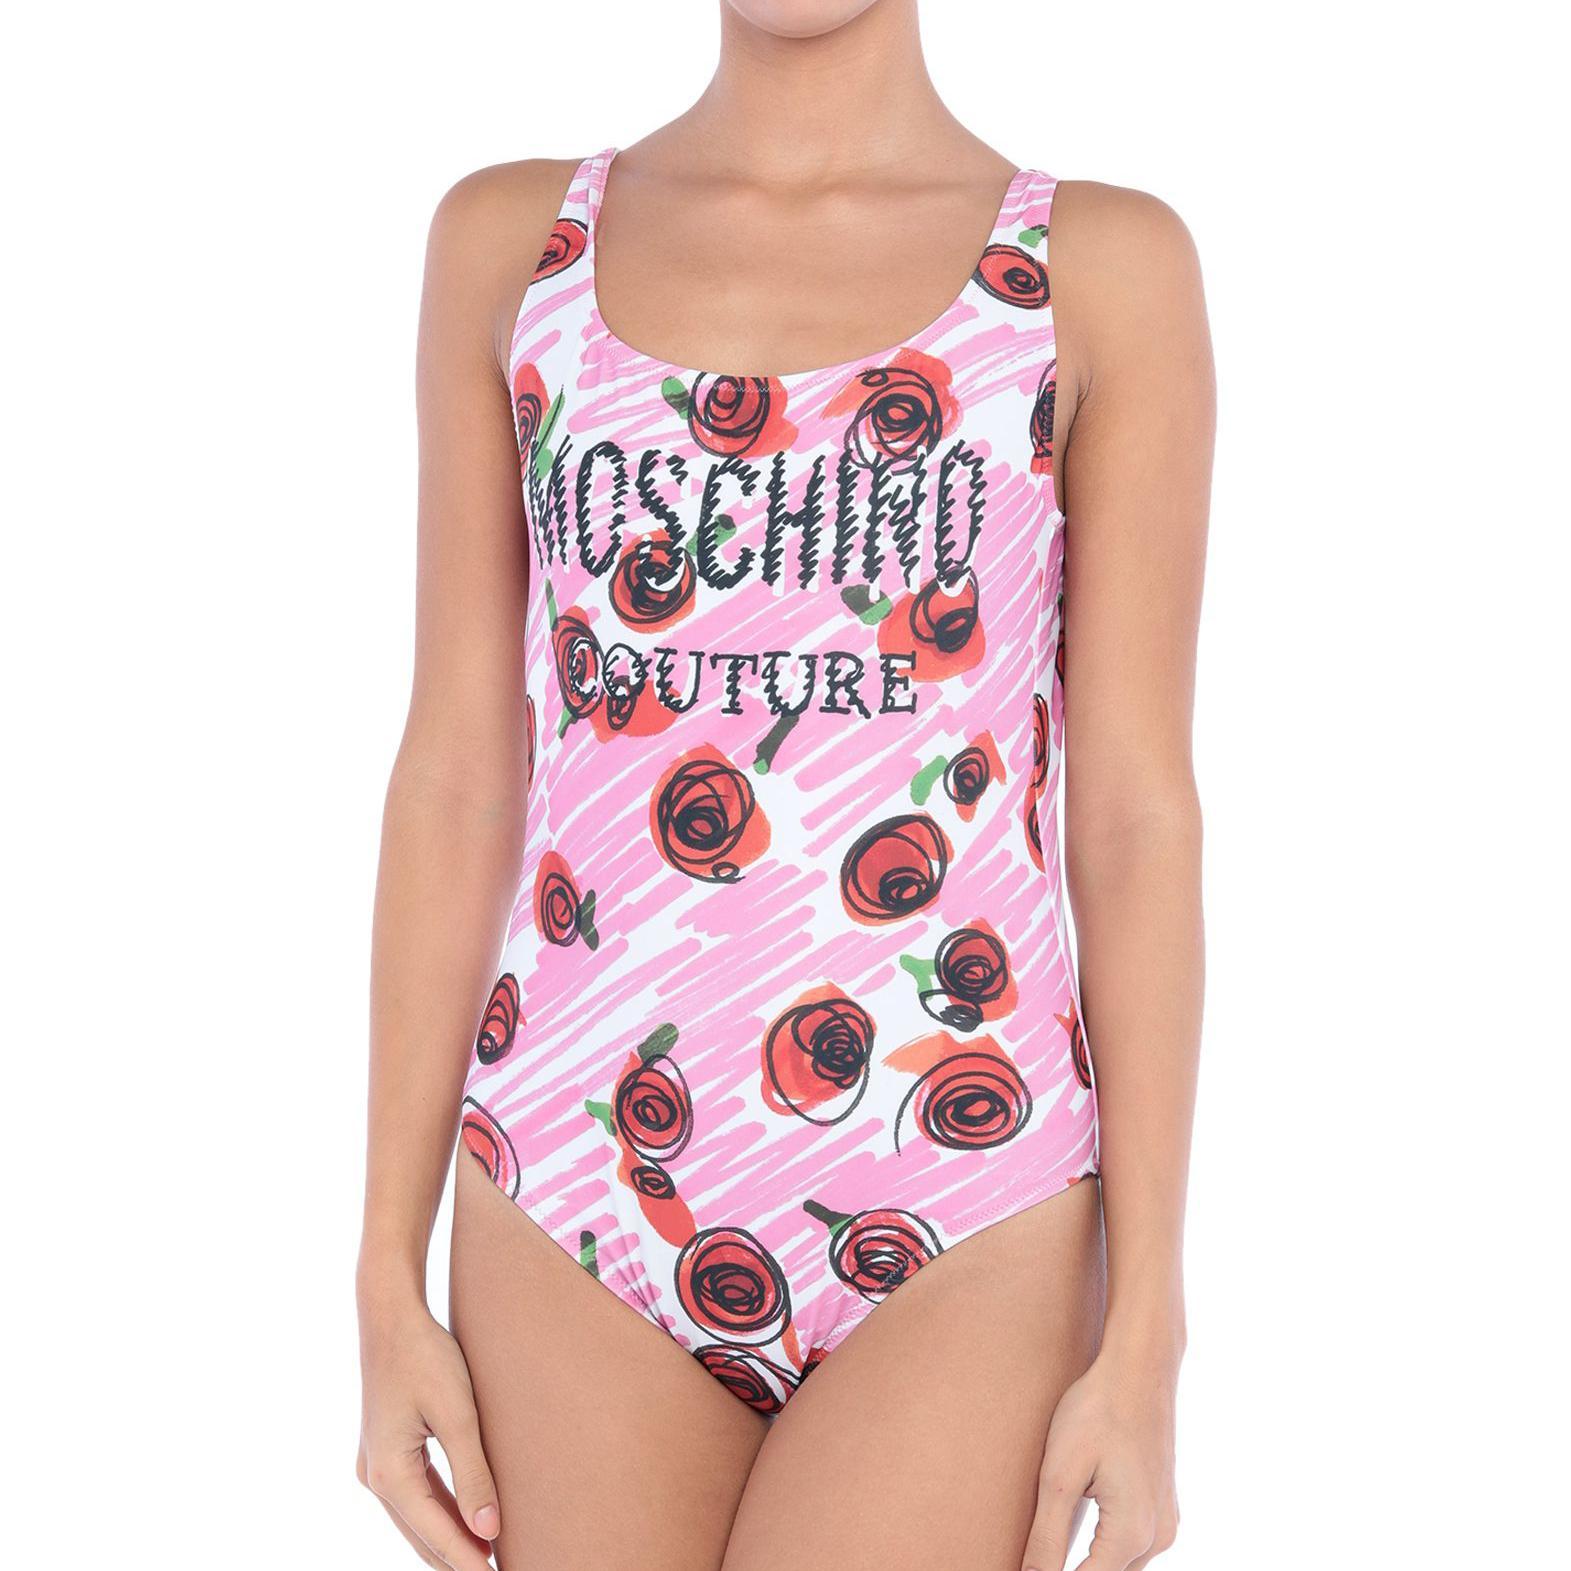 8843 # sıcak satış DesignerSwimsuits Kadınlar Seksi DesignerBikini BrandSwimwear Lüks Tek parça Bikini Yaz Kız Mayo Bikini 2020561K Takımları